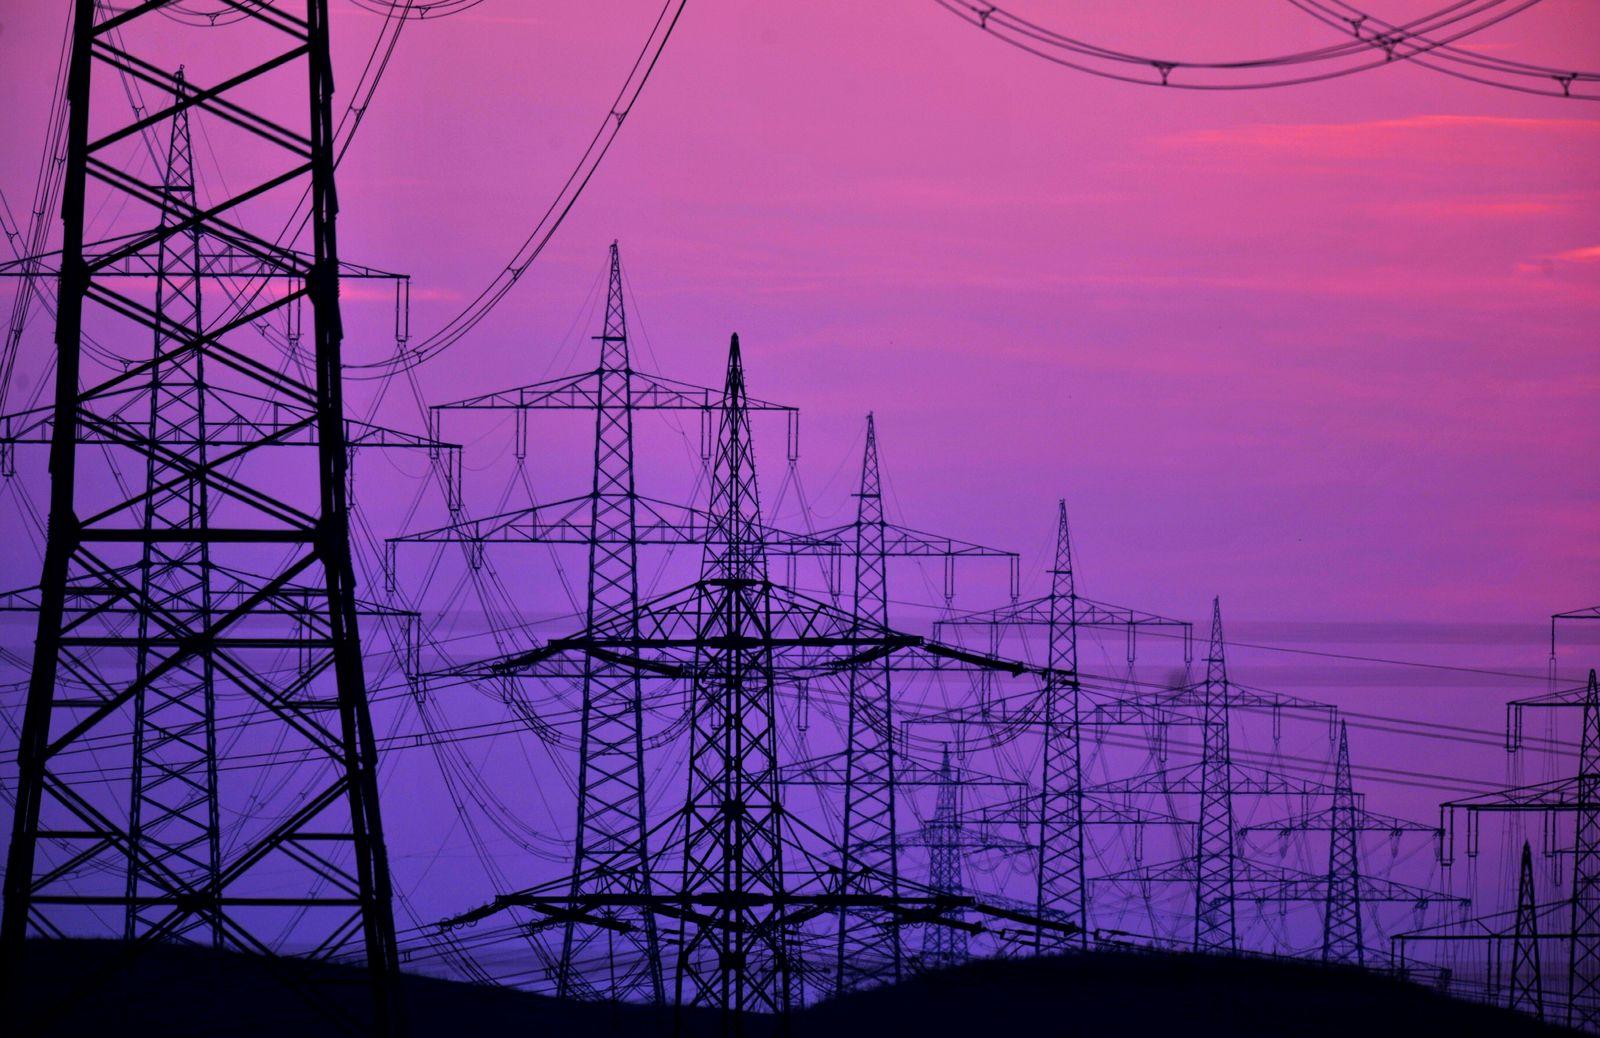 NICHT VERWENDEN Energie / Strom / Stromanbieter / Strommasten